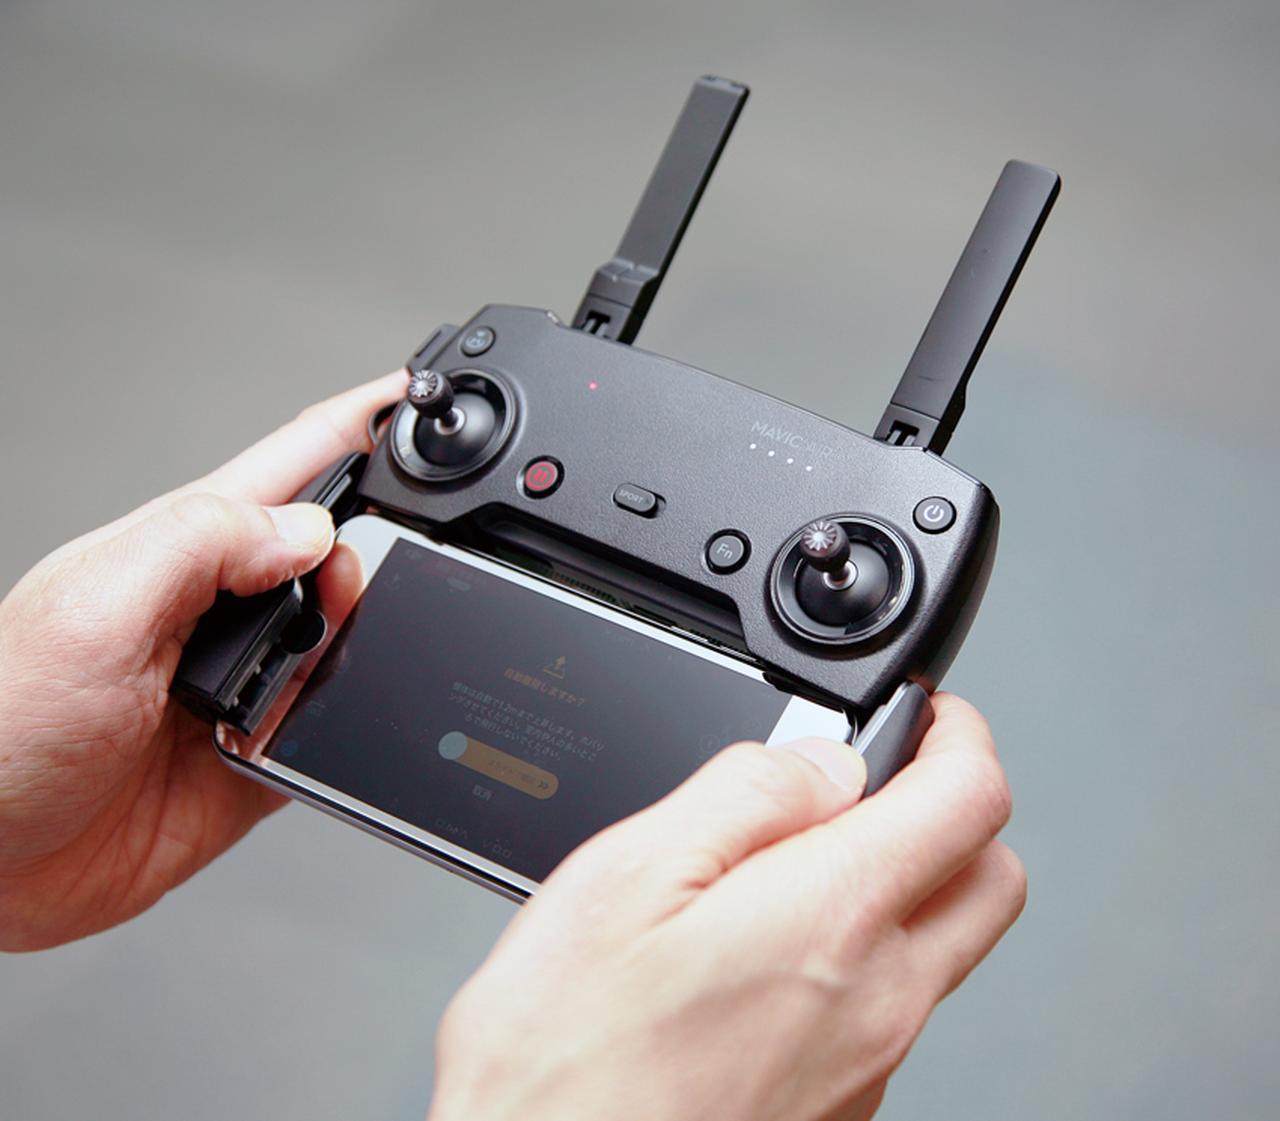 画像: 送信機は、「DJI GO 4」アプリをインストールしたスマホと組み合わせて使う。